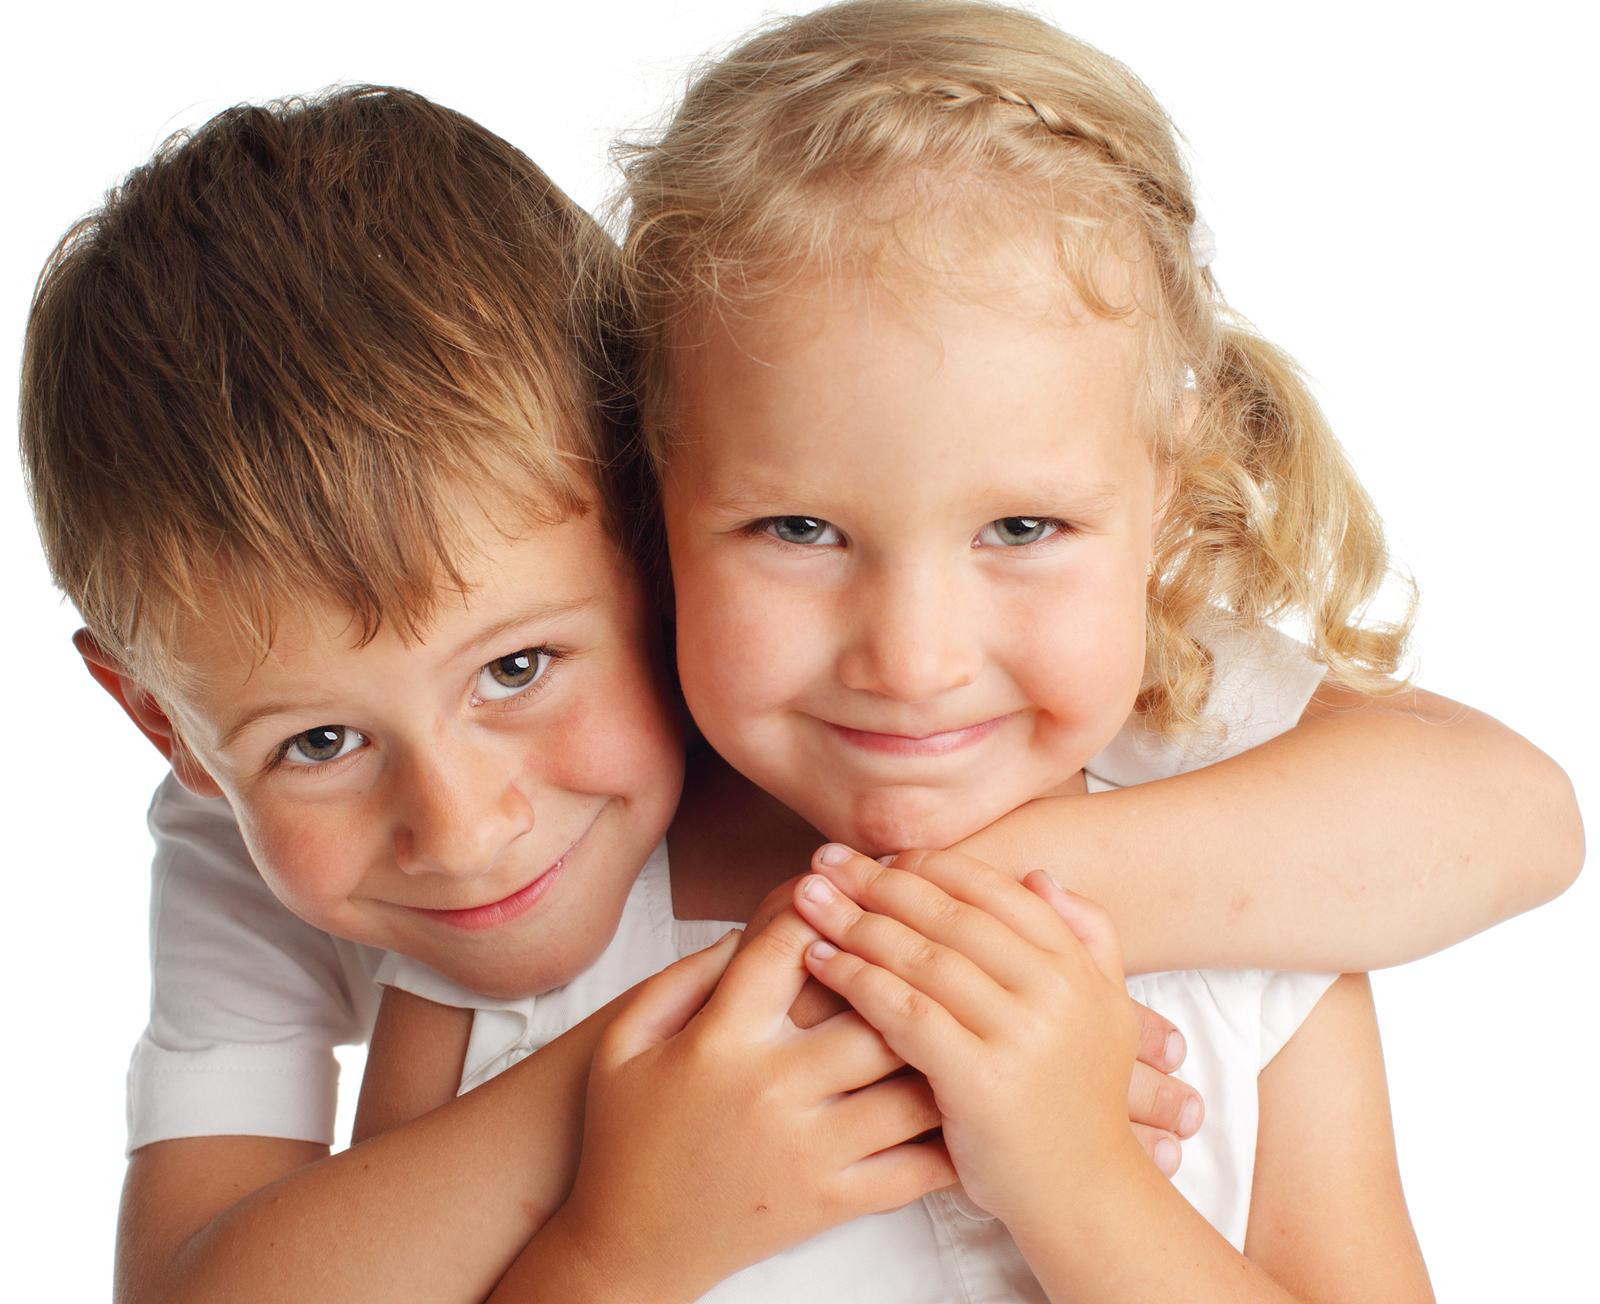 Dziecko jest cudem niezastąpionym? Czy karierę i wygodne życie można połączyć z posiadaniem rodziny?